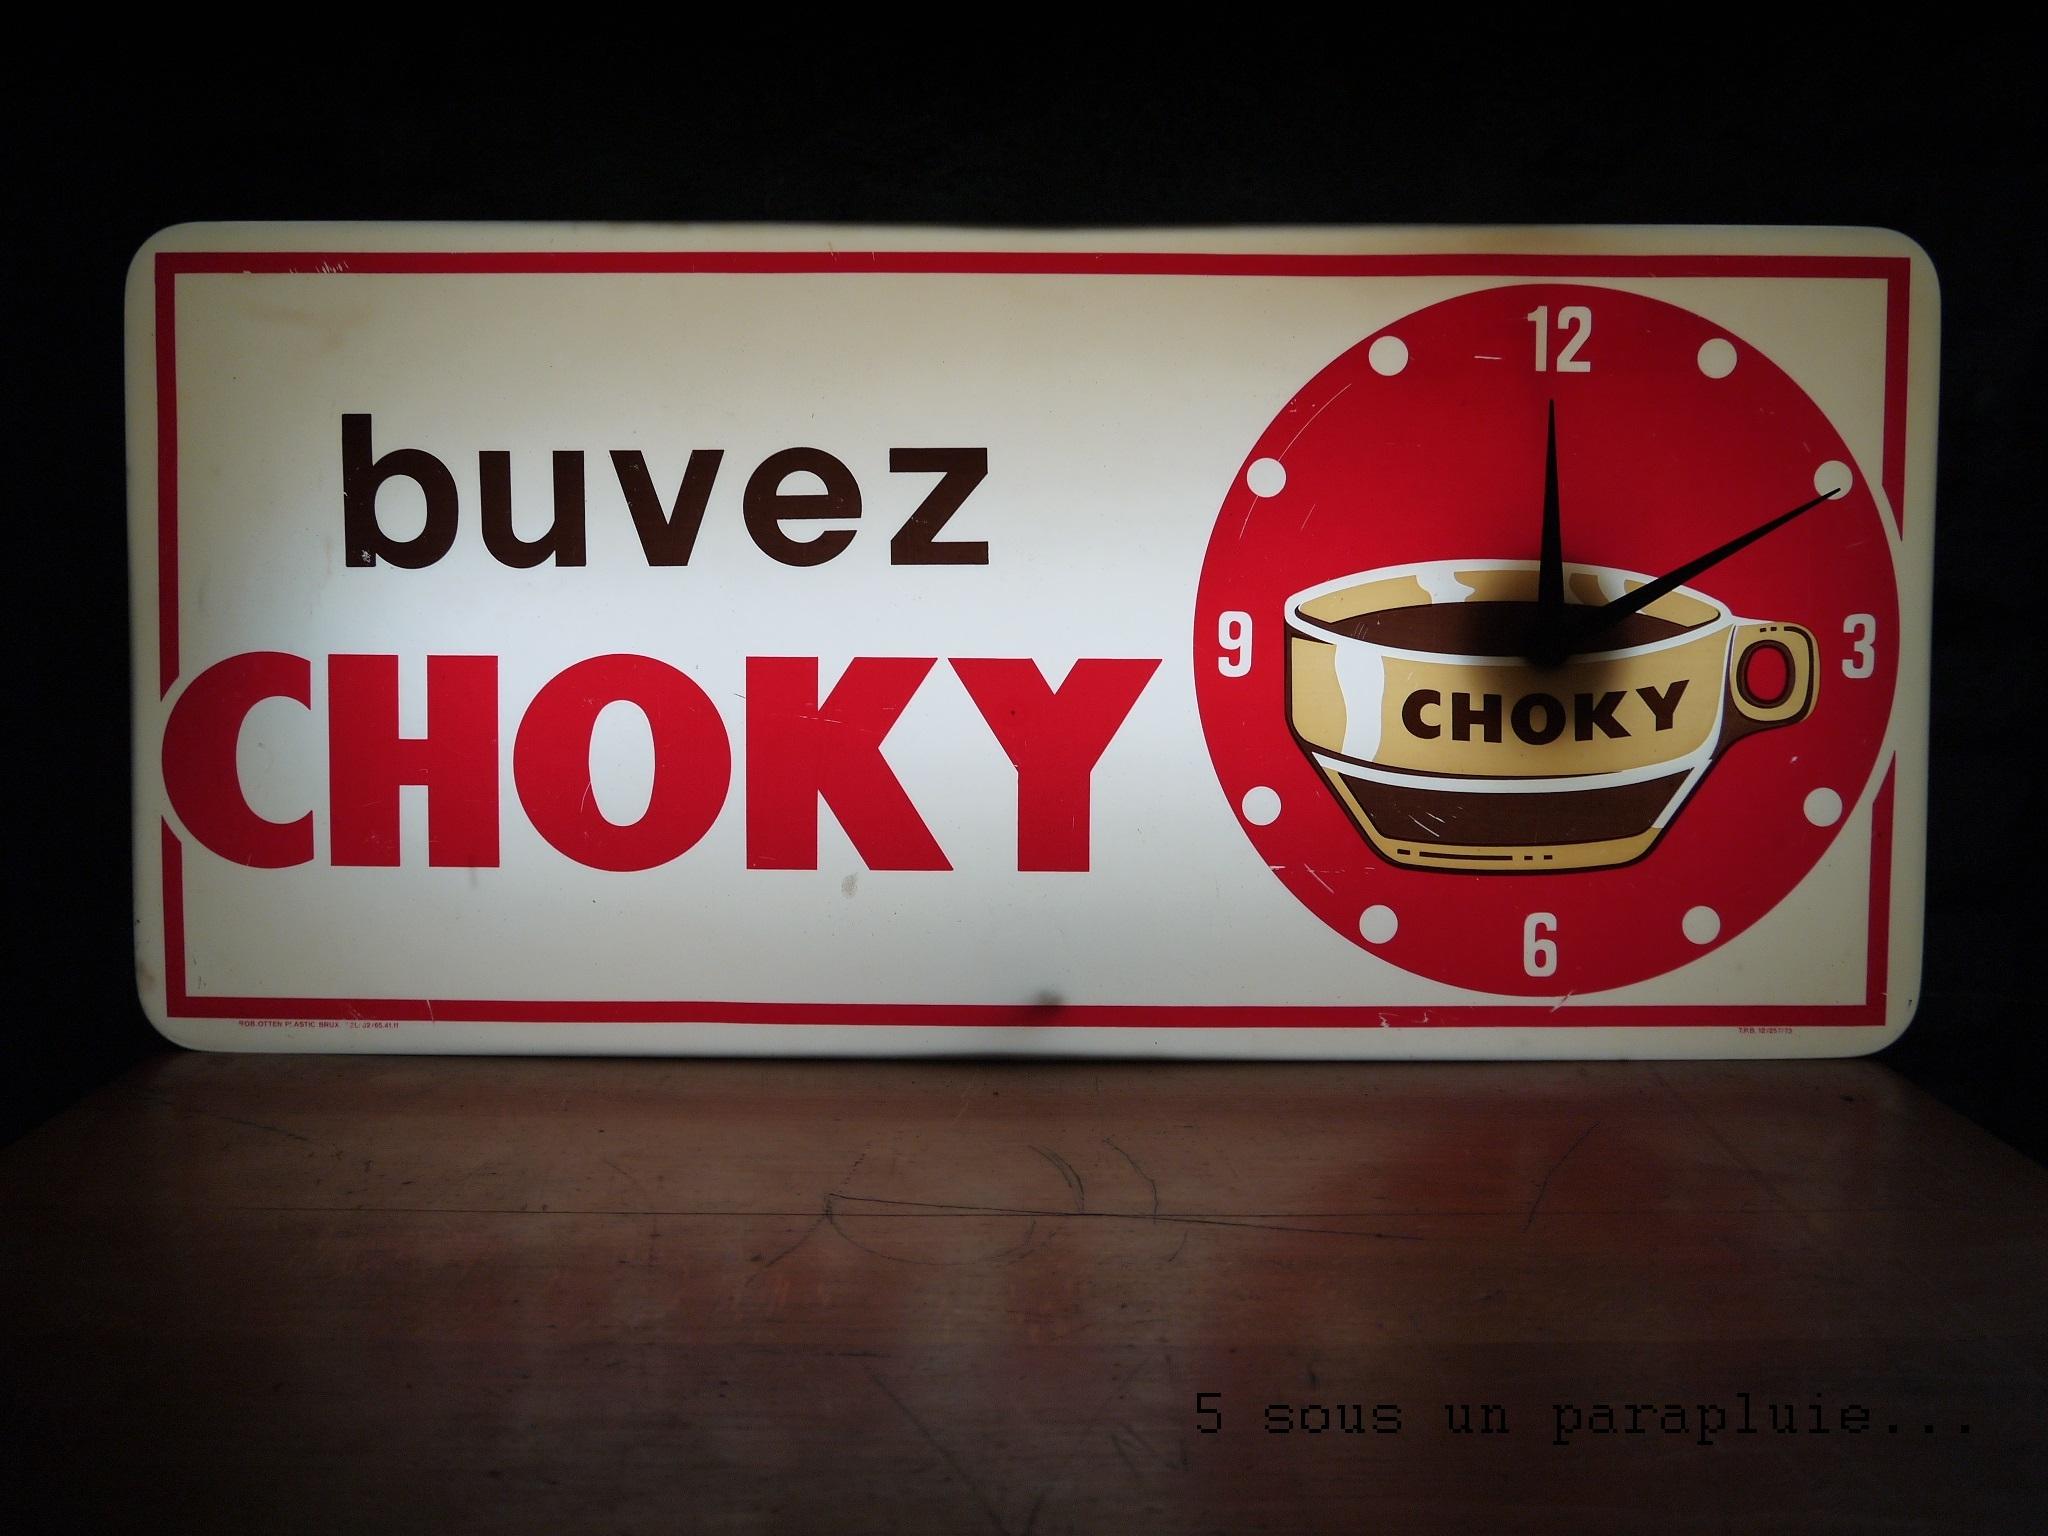 """Exceptionnel Ancienne enseigne lumineuse """"buvez Choky"""" - 5 sous un parapluie  GT91"""